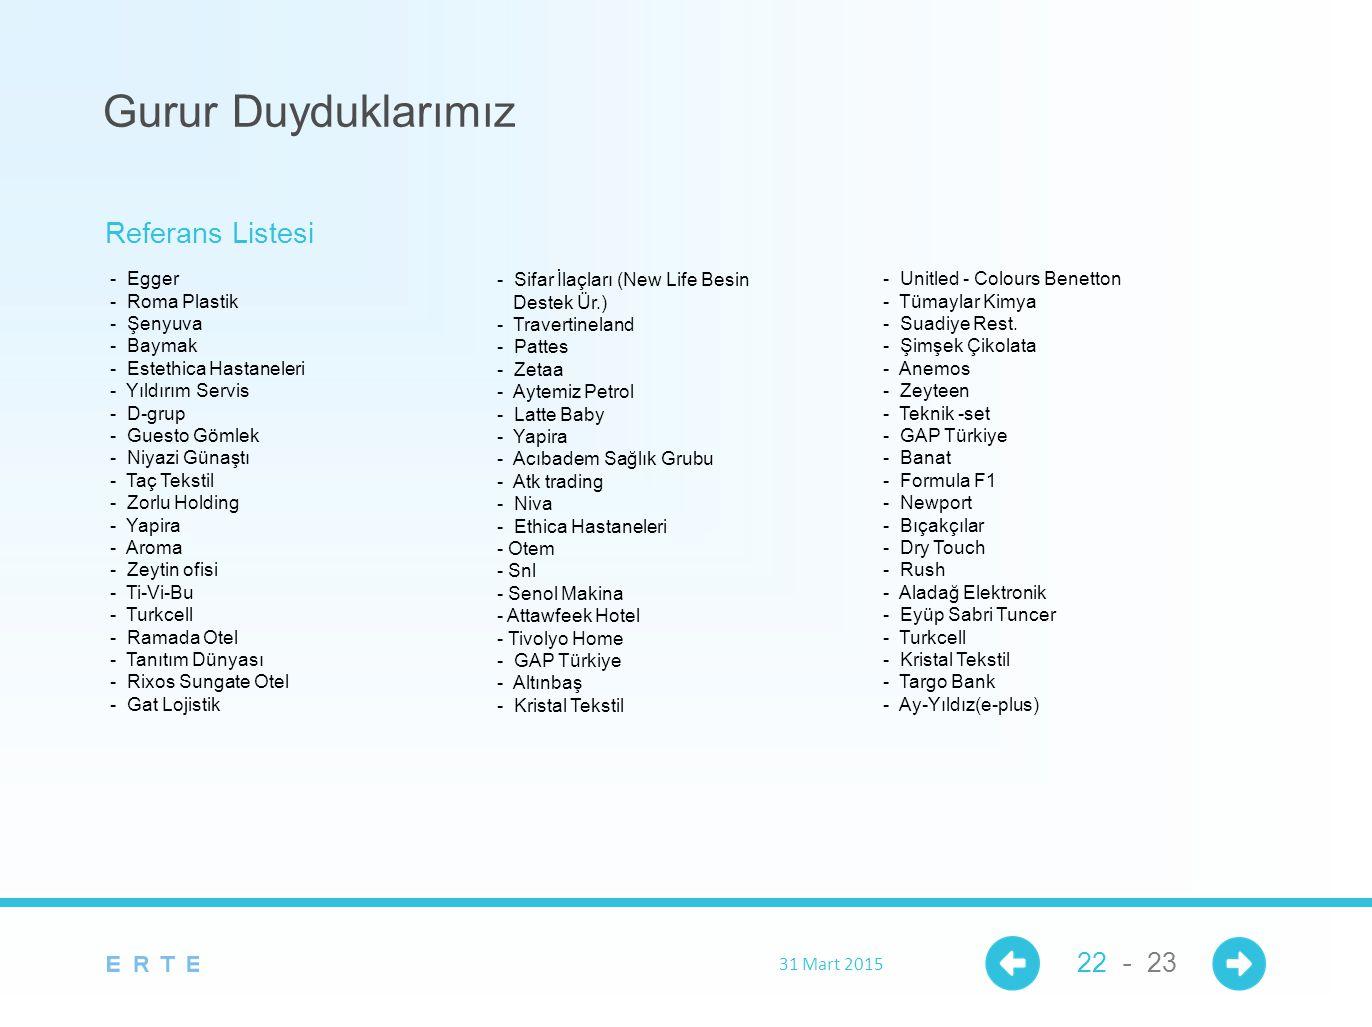 31 Mart 2015 22 - 23 Gurur Duyduklarımız - Egger - Roma Plastik - Şenyuva - Baymak - Estethica Hastaneleri - Yıldırım Servis - D-grup - Guesto Gömlek - Niyazi Günaştı - Taç Tekstil - Zorlu Holding - Yapira - Aroma - Zeytin ofisi - Ti-Vi-Bu - Turkcell - Ramada Otel - Tanıtım Dünyası - Rixos Sungate Otel - Gat Lojistik - Sifar İlaçları (New Life Besin Destek Ür.) - Travertineland - Pattes - Zetaa - Aytemiz Petrol - Latte Baby - Yapira - Acıbadem Sağlık Grubu - Atk trading - Niva - Ethica Hastaneleri - Otem - Snl - Senol Makina - Attawfeek Hotel - Tivolyo Home - GAP Türkiye - Altınbaş - Kristal Tekstil - Unitled - Colours Benetton - Tümaylar Kimya - Suadiye Rest.